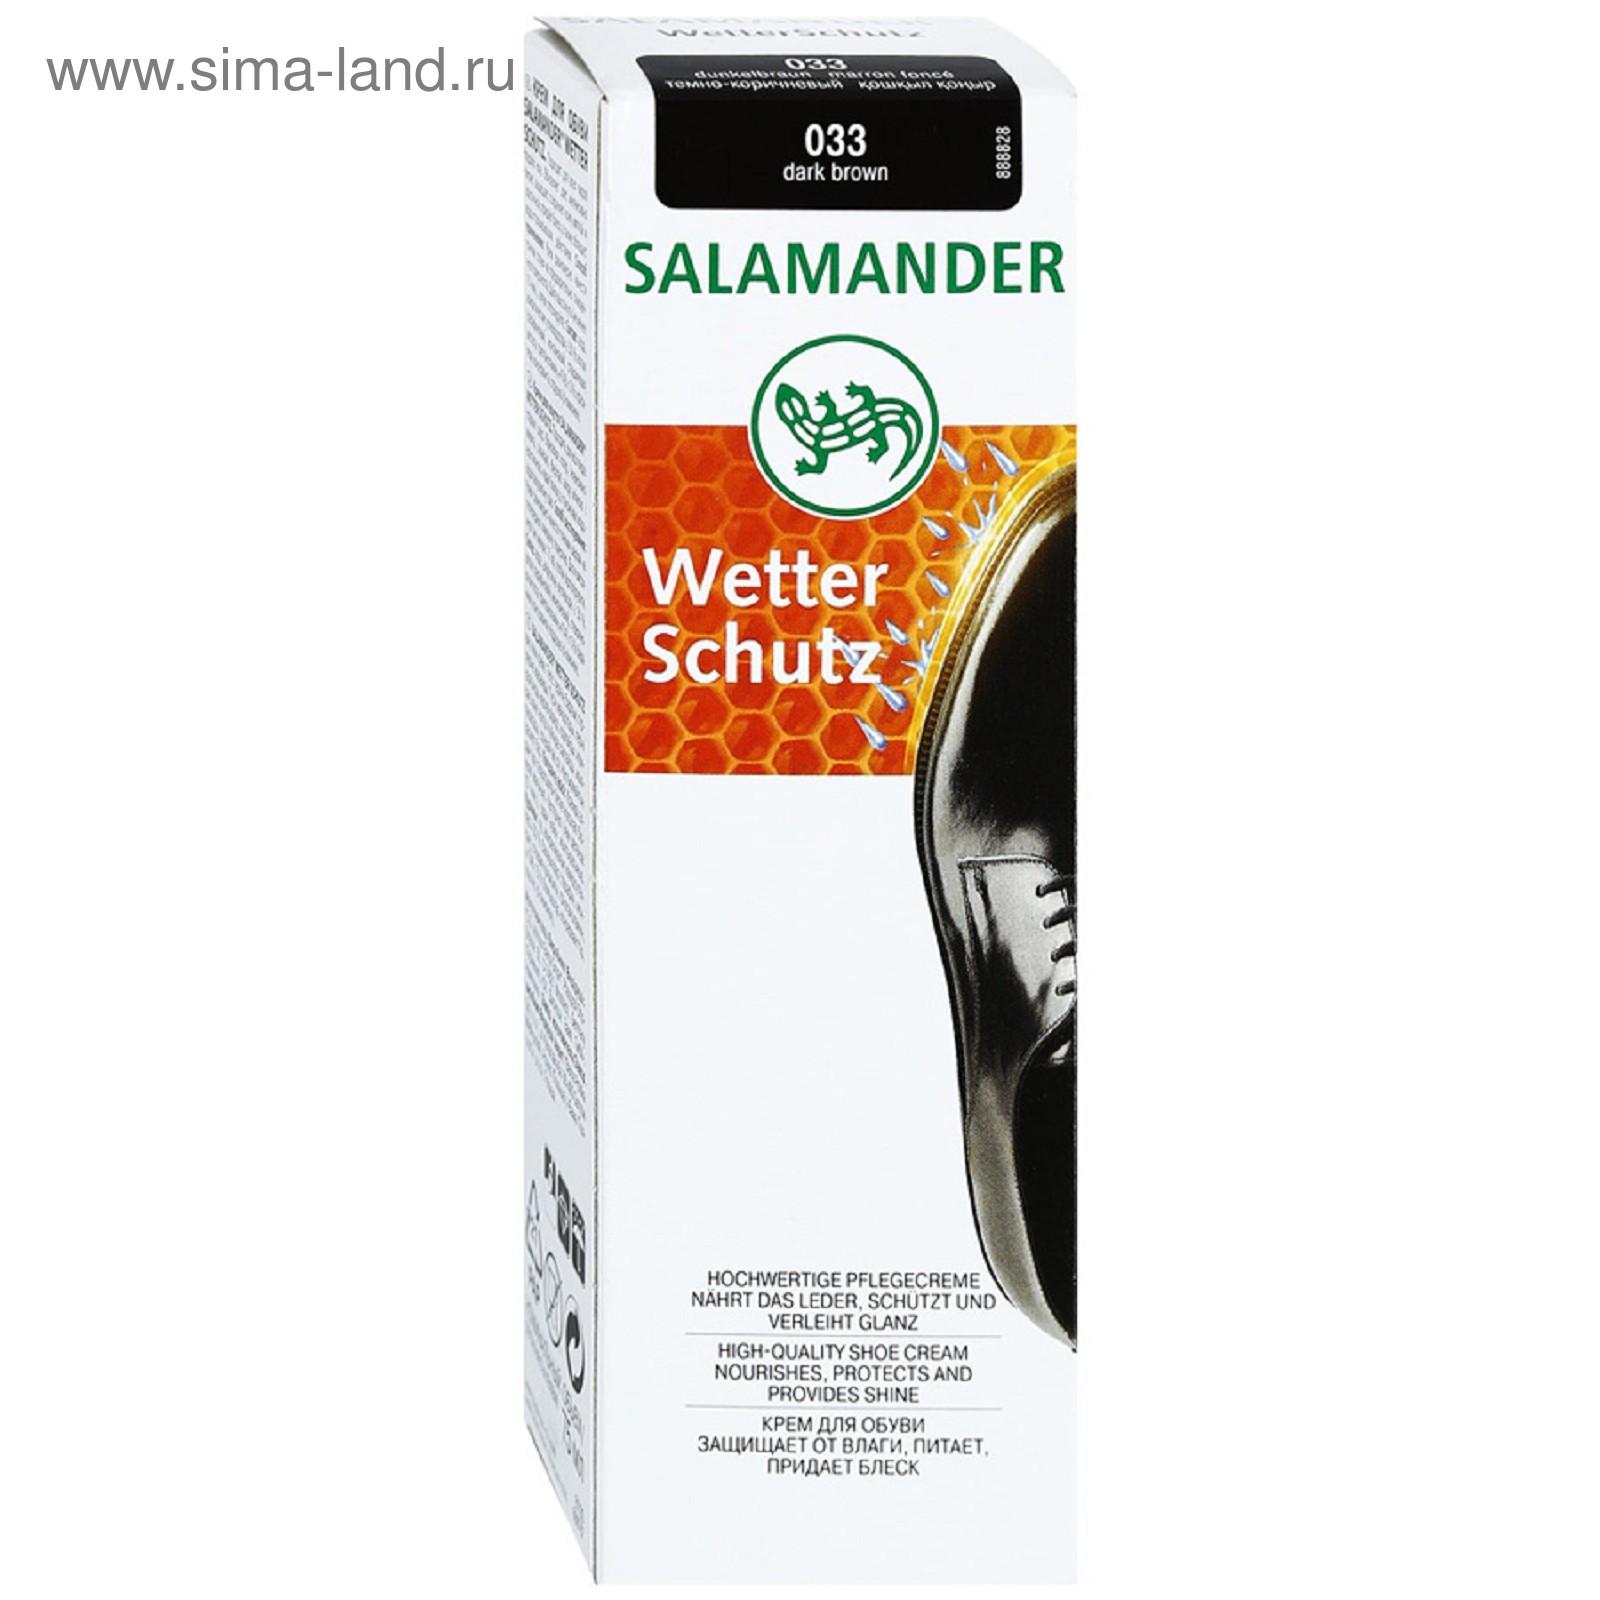 19d95d9e1 Крем для обуви Salamander Wetter Schutz, темно-коричневый, 75 мл ...